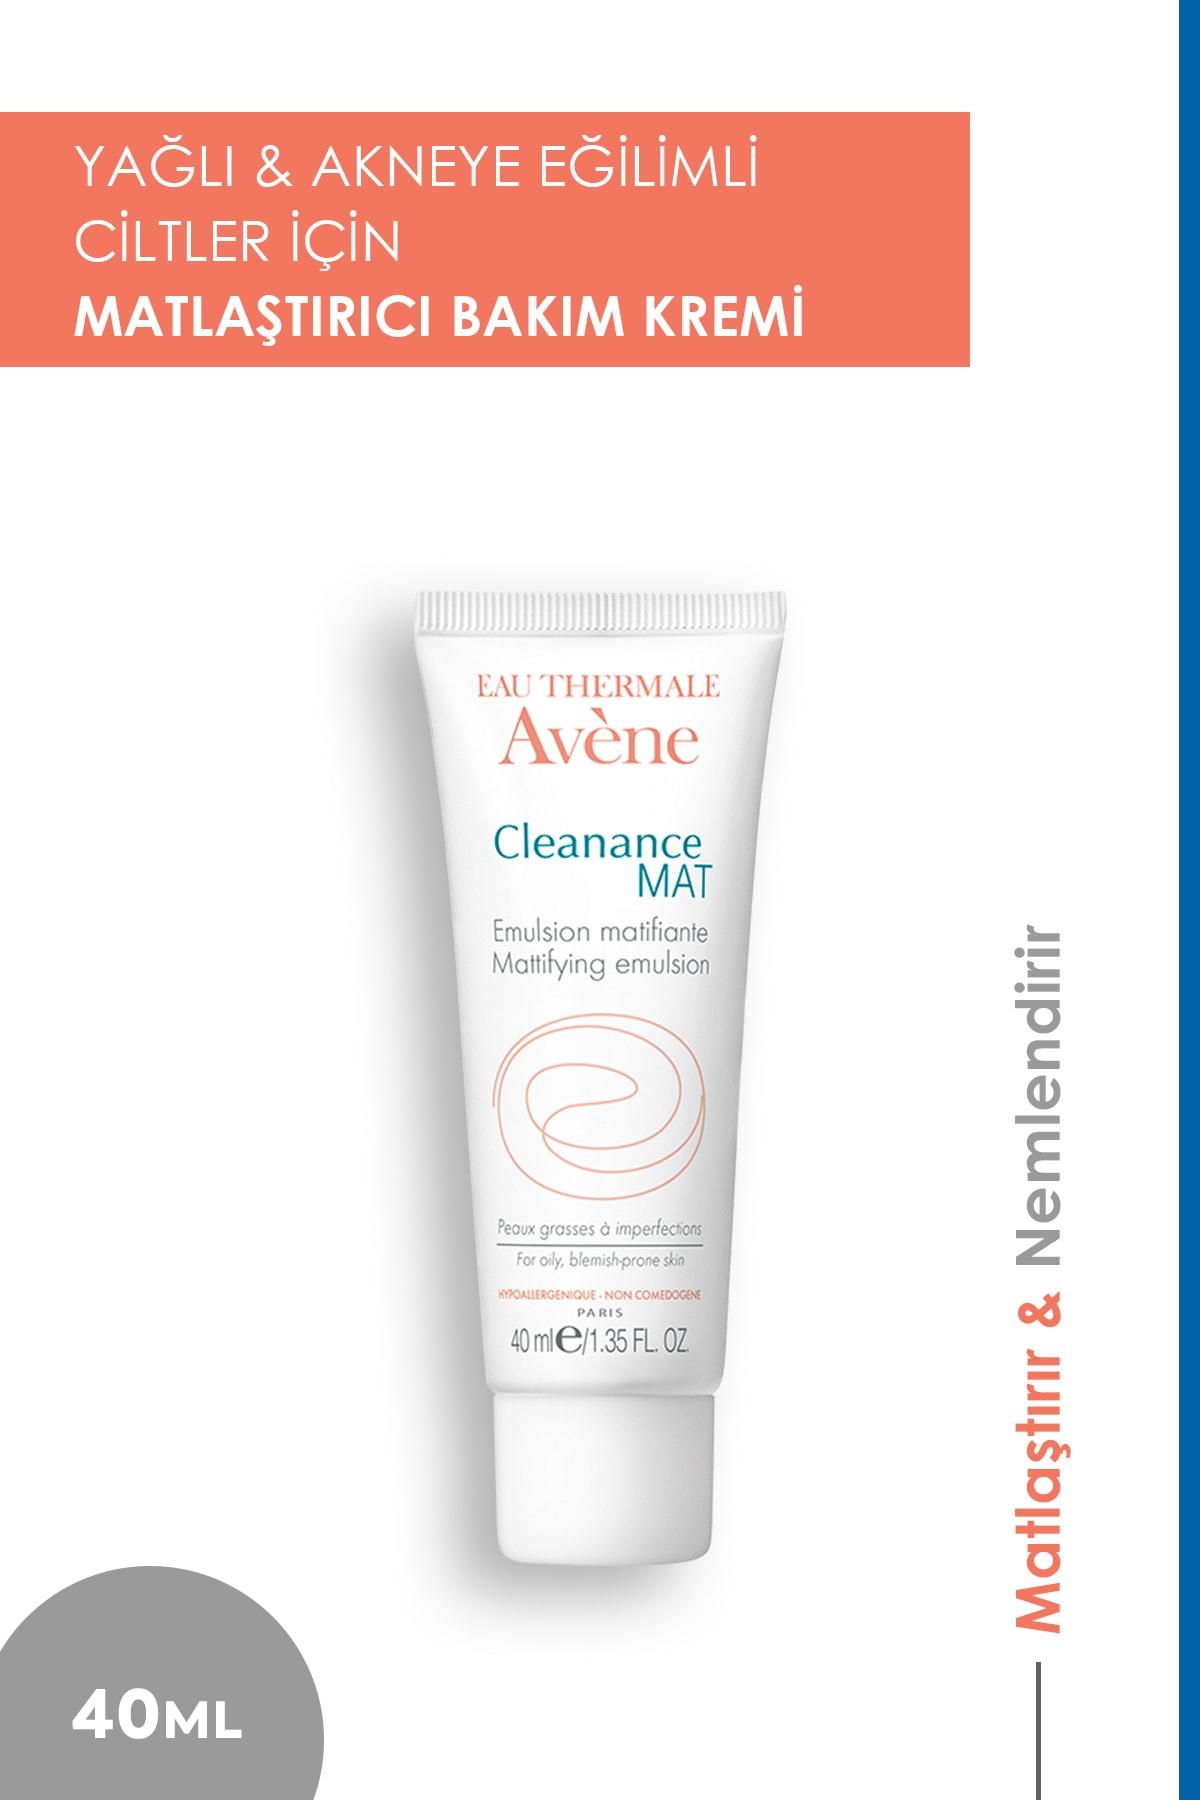 Avene Cleanance Mat Emulsion Matifiante 40 Ml - Yağlı Ciltler Için Nemlendirici Krem 1